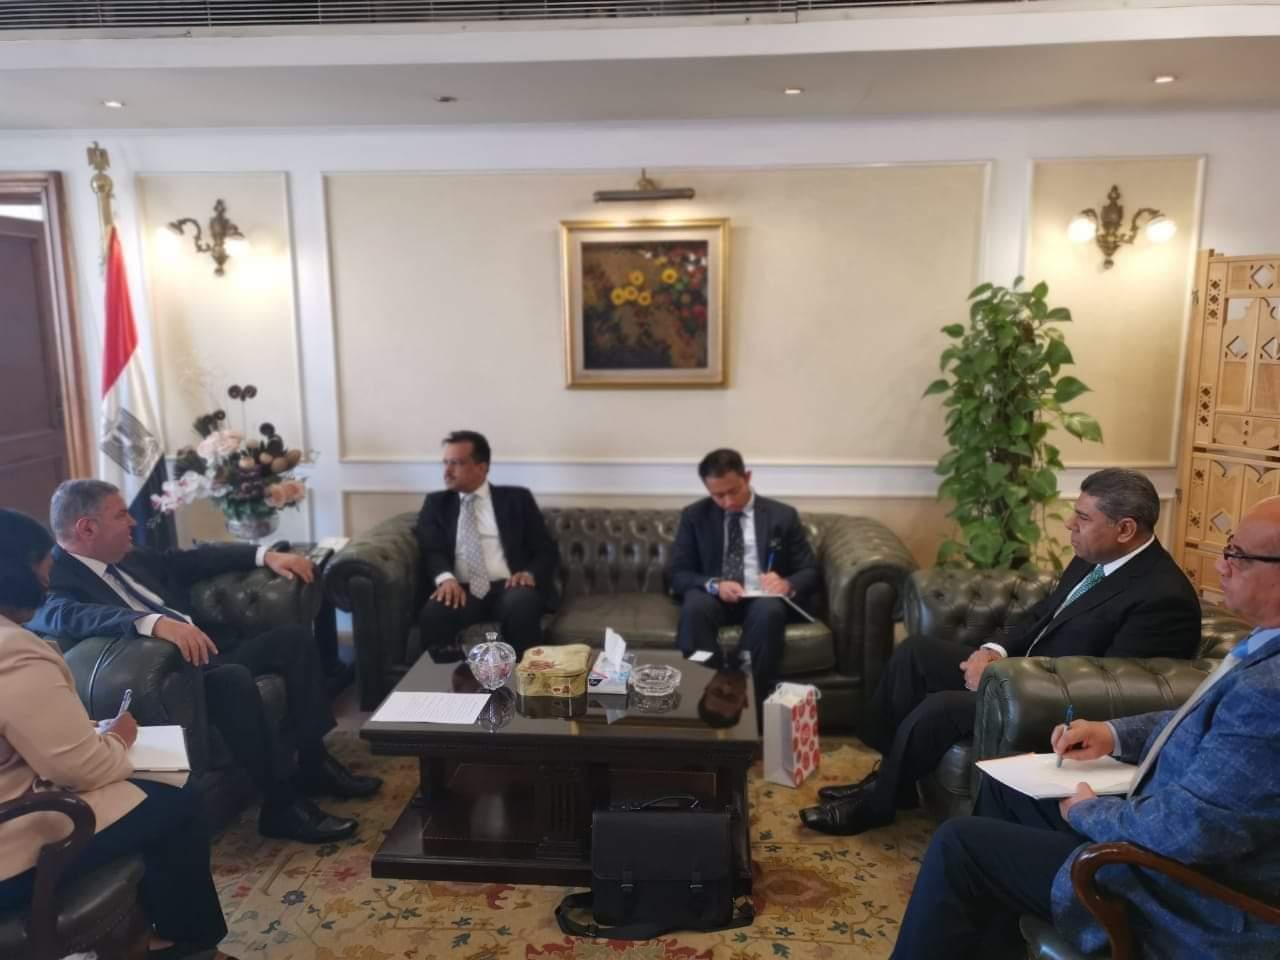 وزير قطاع الأعمال العام يبحث مع سفير سنغافورة بالقاهرة التعاون في مجال النقل البحري